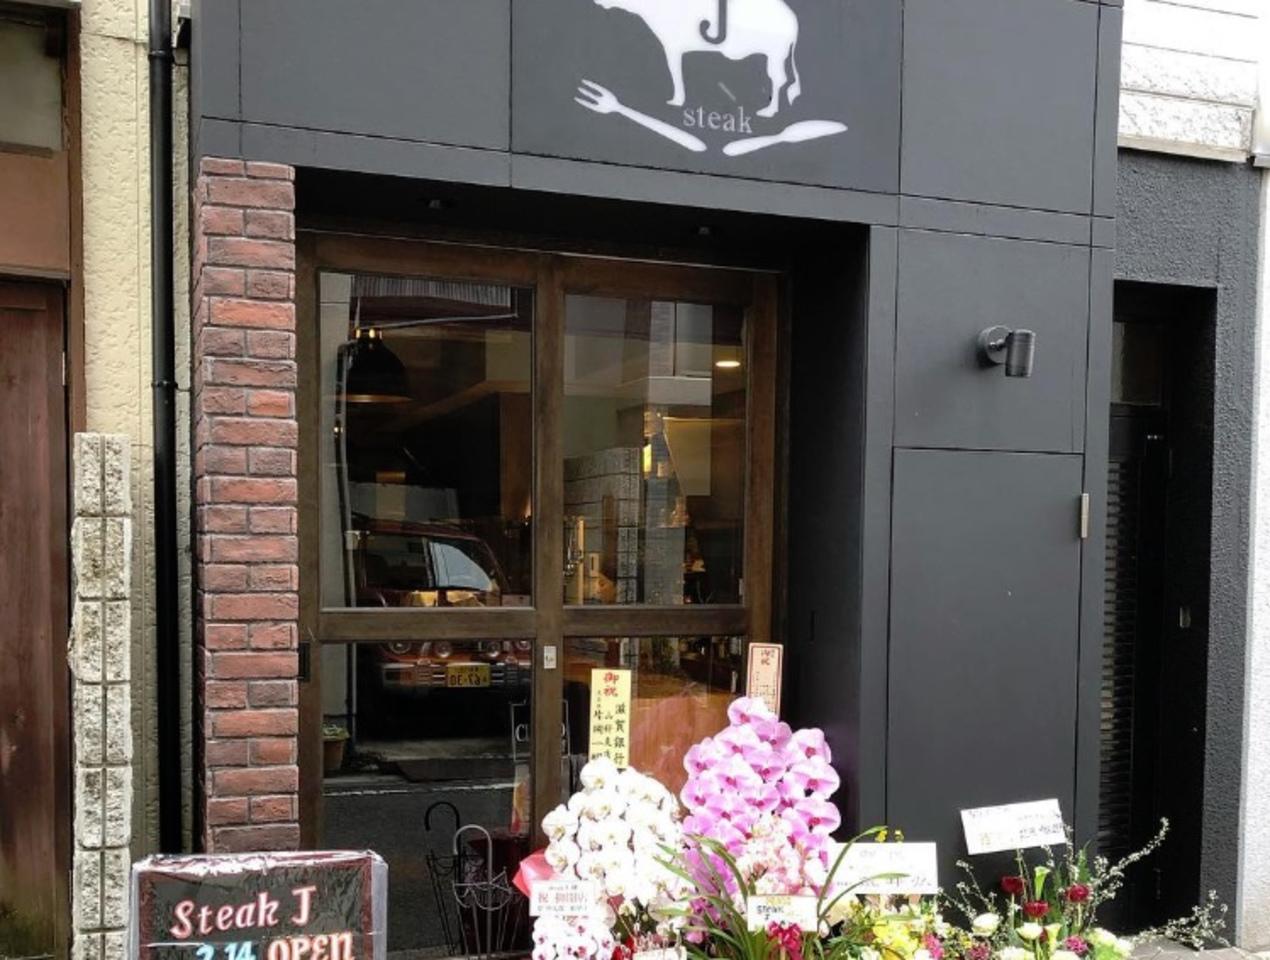 京都市上京区米屋町にステーキハウス「steak J」がオープンされたようです。